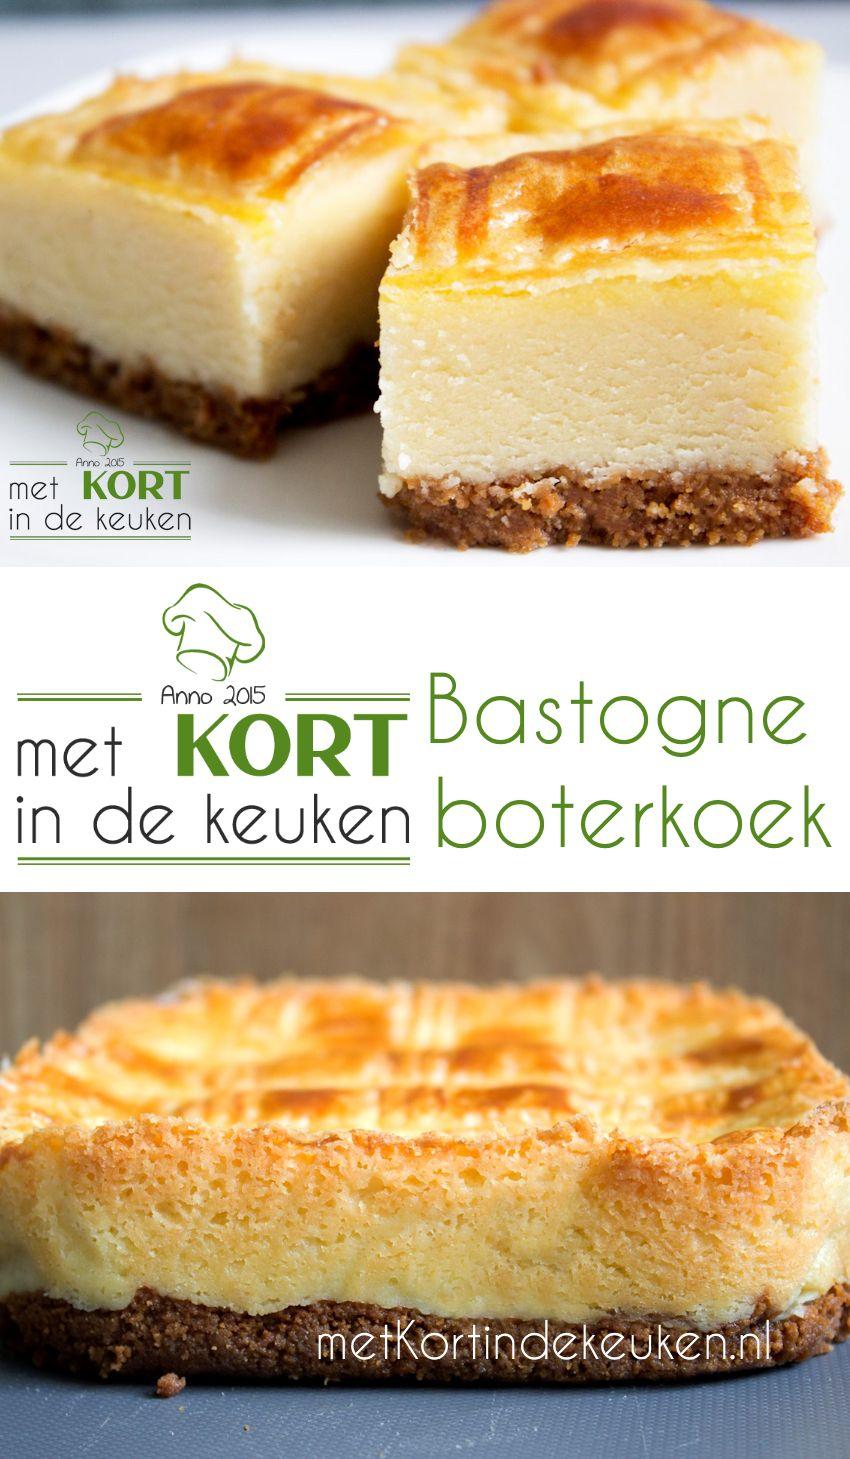 Recept voor een Bastogne Boterkoek (Dutch Bastogne Buttercake). Wat heb je nodig: Koekbodem: 40 gram boter 130 gram bastognekoeken (half pak) Boterkoek: 300 gram bloem 250 gram suiker 300 gram boter + extra om in te vetten 100 gram kristalsuiker 100 gram witte basterdsuiker 1 ei  #boterkoek #bastogne #bastognekoeken #dutch #buttercake #hollands #foodie